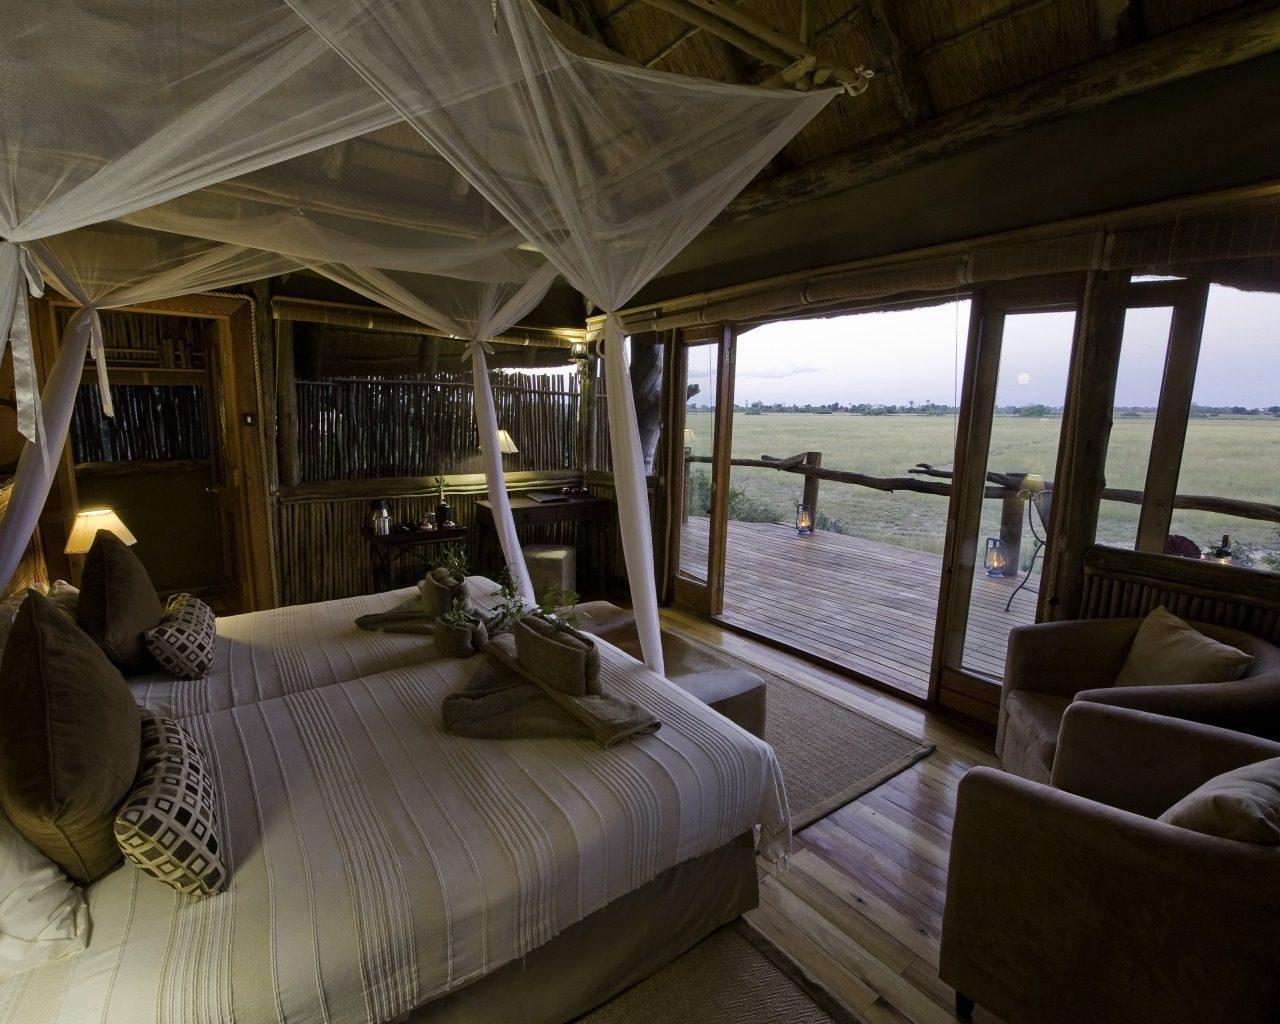 Botswana, Okavango Delta, Kwetsani Bedroom 2